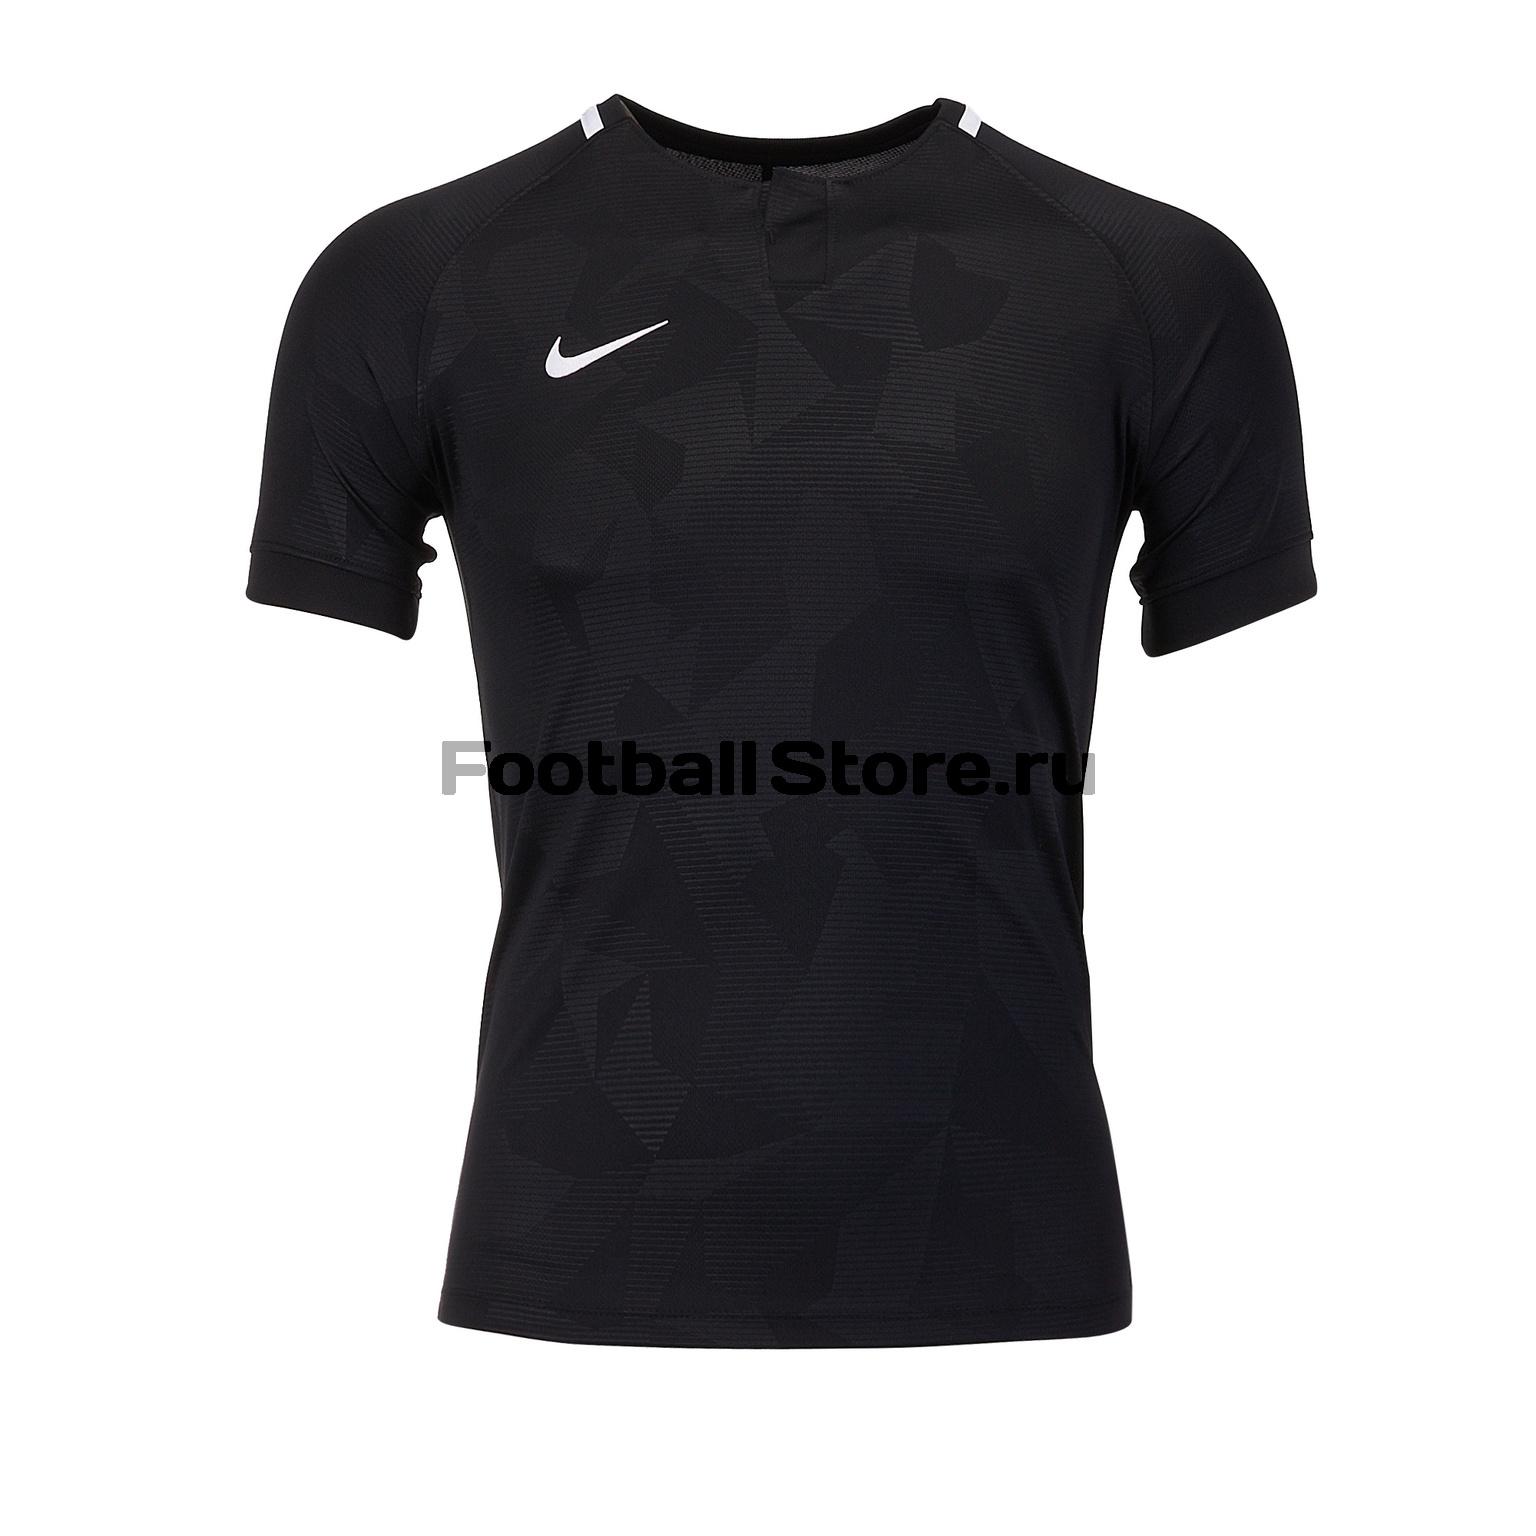 Футболка игровая подростковая Nike Dry Challenge II 894053-100 футболка игровая nike dry challenge ii 893964 100